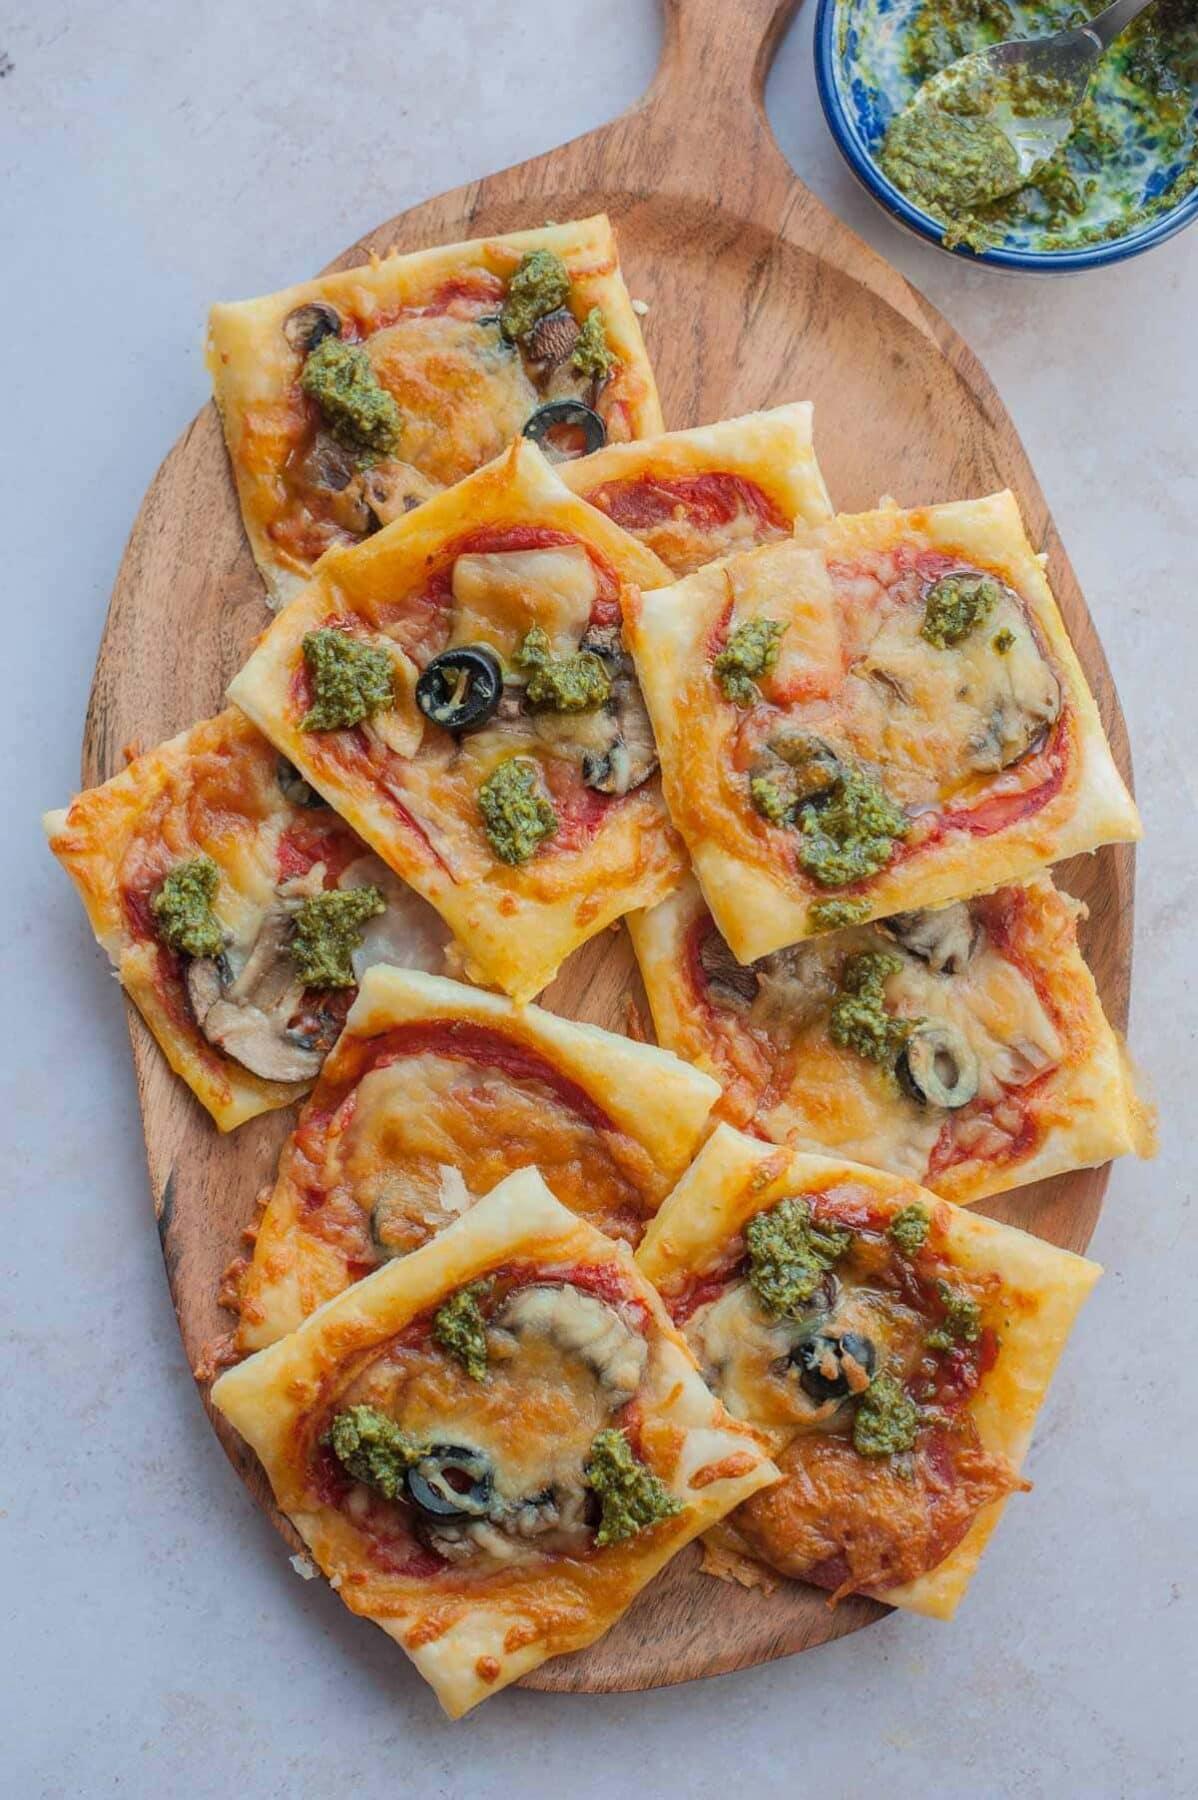 Mini pizze z ciasta francuskiego na drewnianej desce.